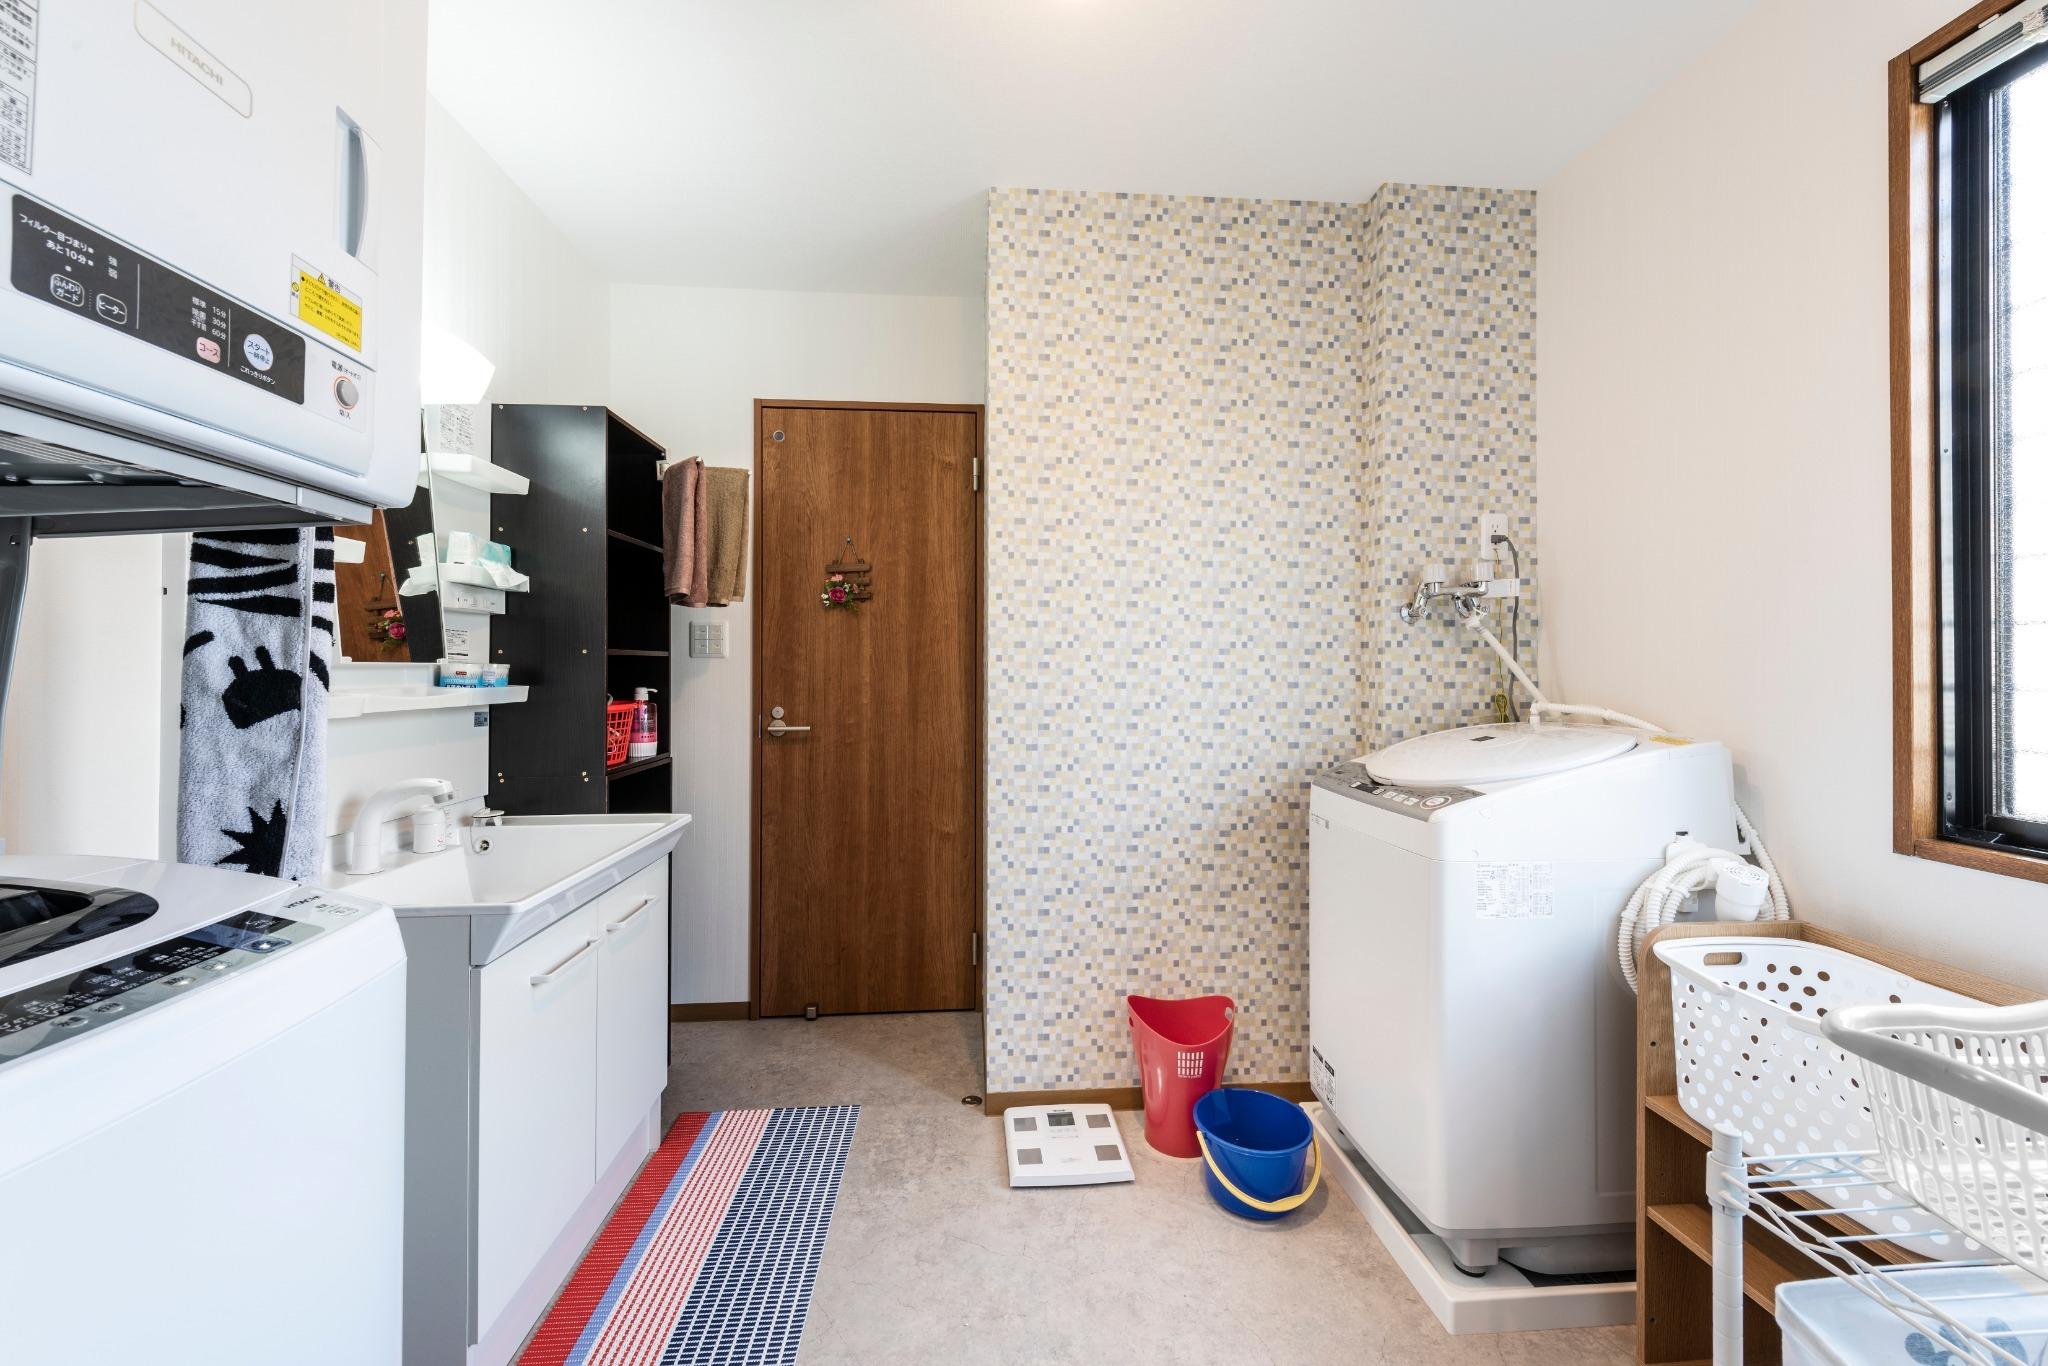 1階広い洗面所、洗濯機、乾燥機、乾燥洗濯機各1台あり長期滞在の方の洗濯もできます。